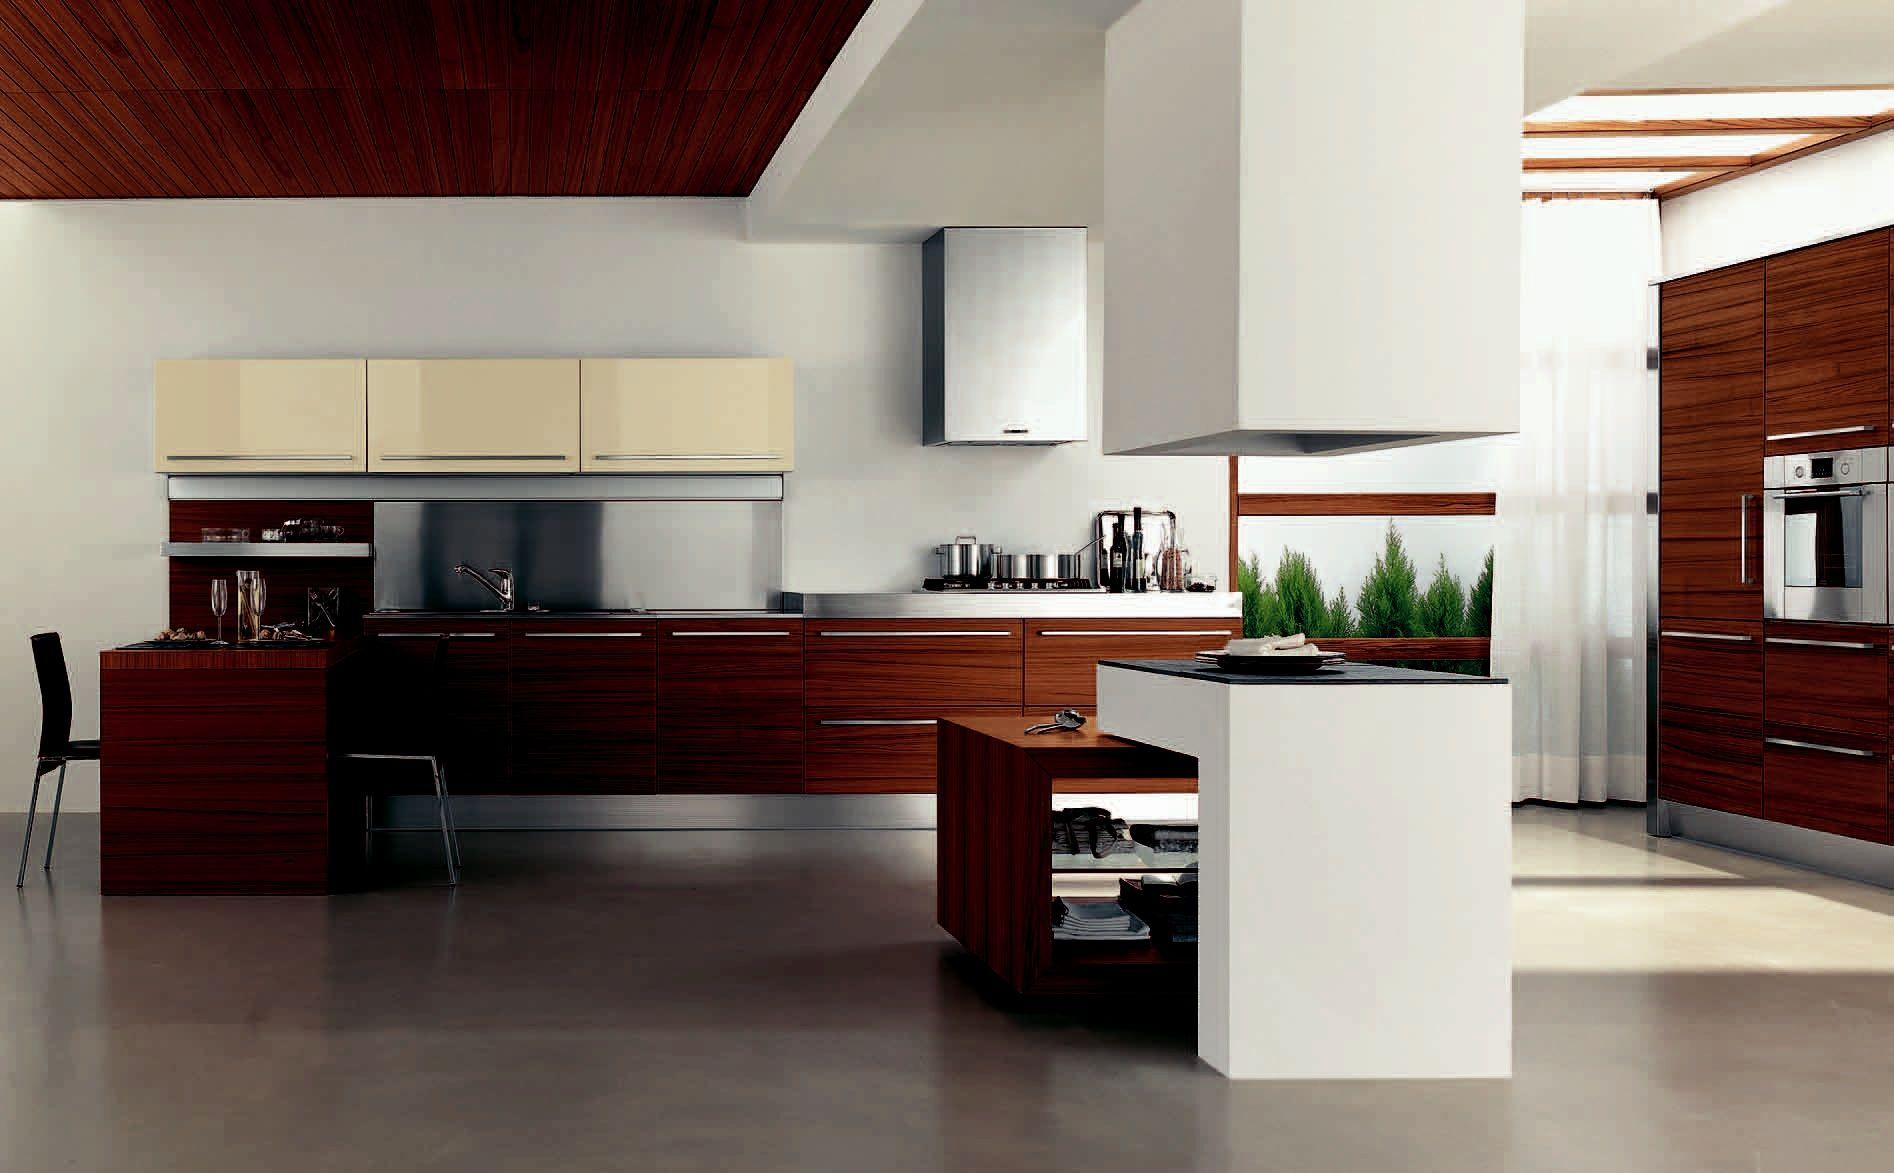 Modern Geo Kitchen Design Hd Kitchen Inspiration Design Contemporary Kitchen Cabinets Contemporary Kitchen Design